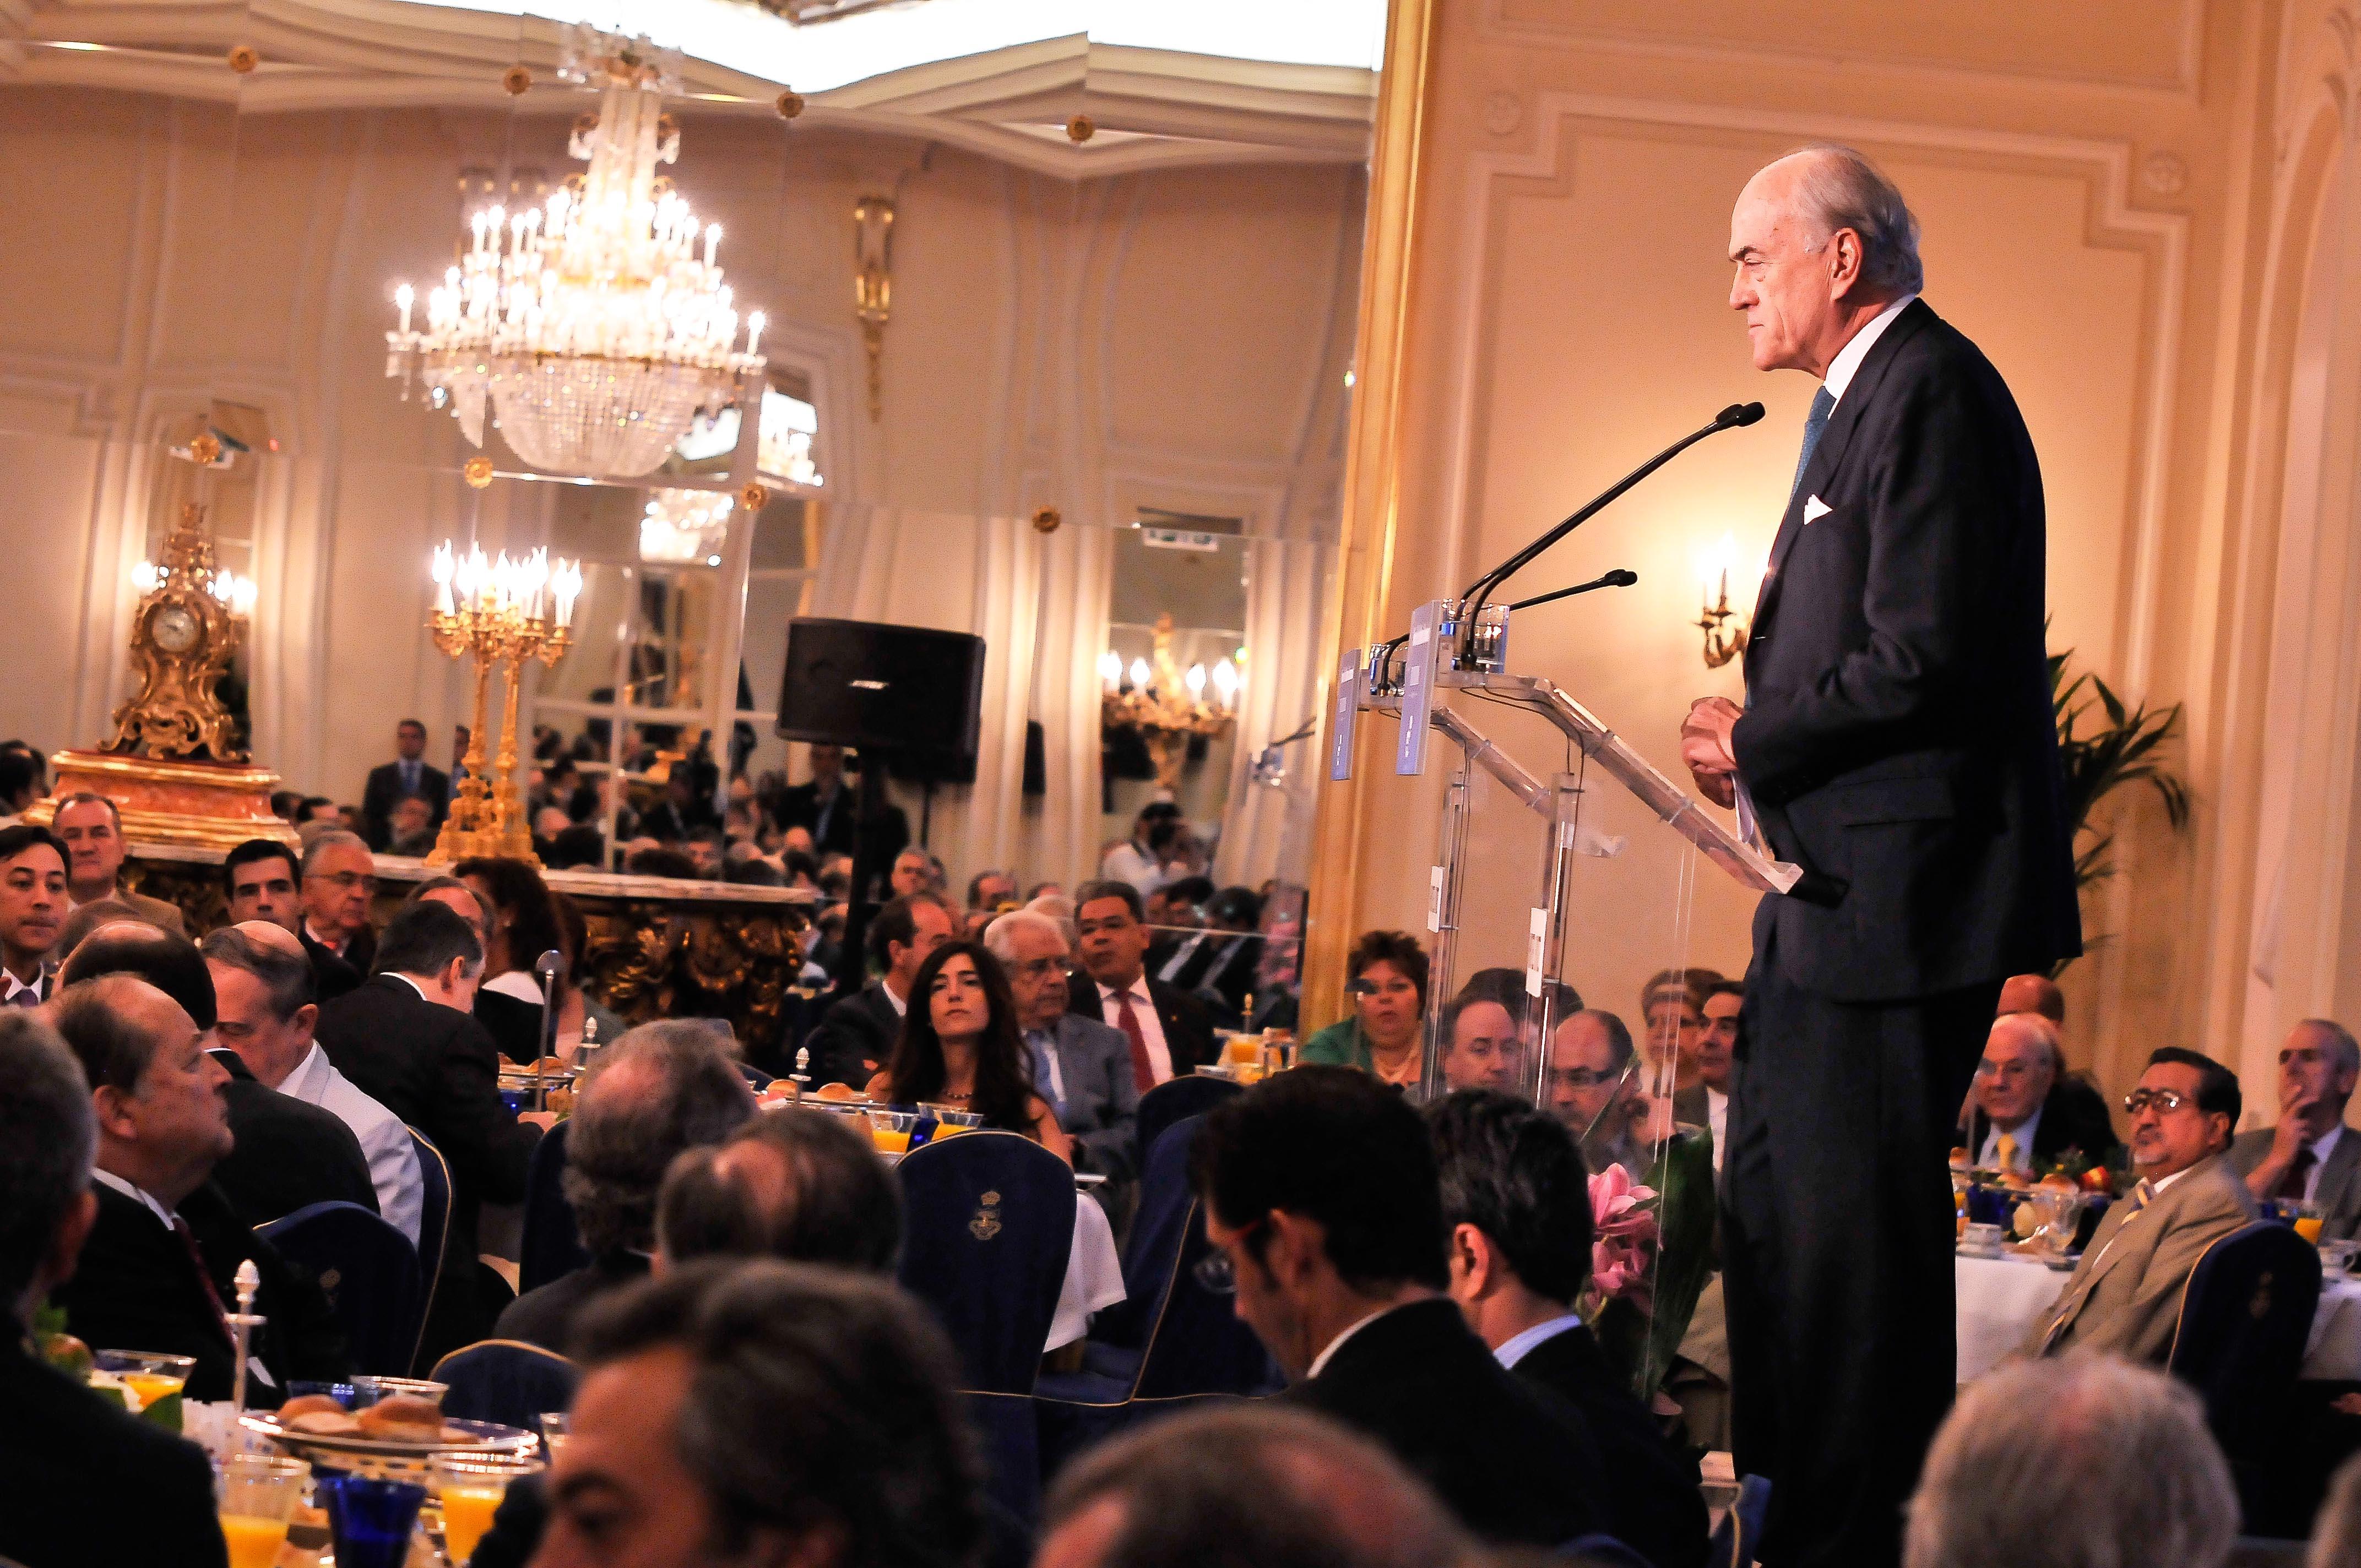 Fotografía El expresidente de FCC, Baldomero Falcones © Jorge Zorrilla Fotógrafo Madrid